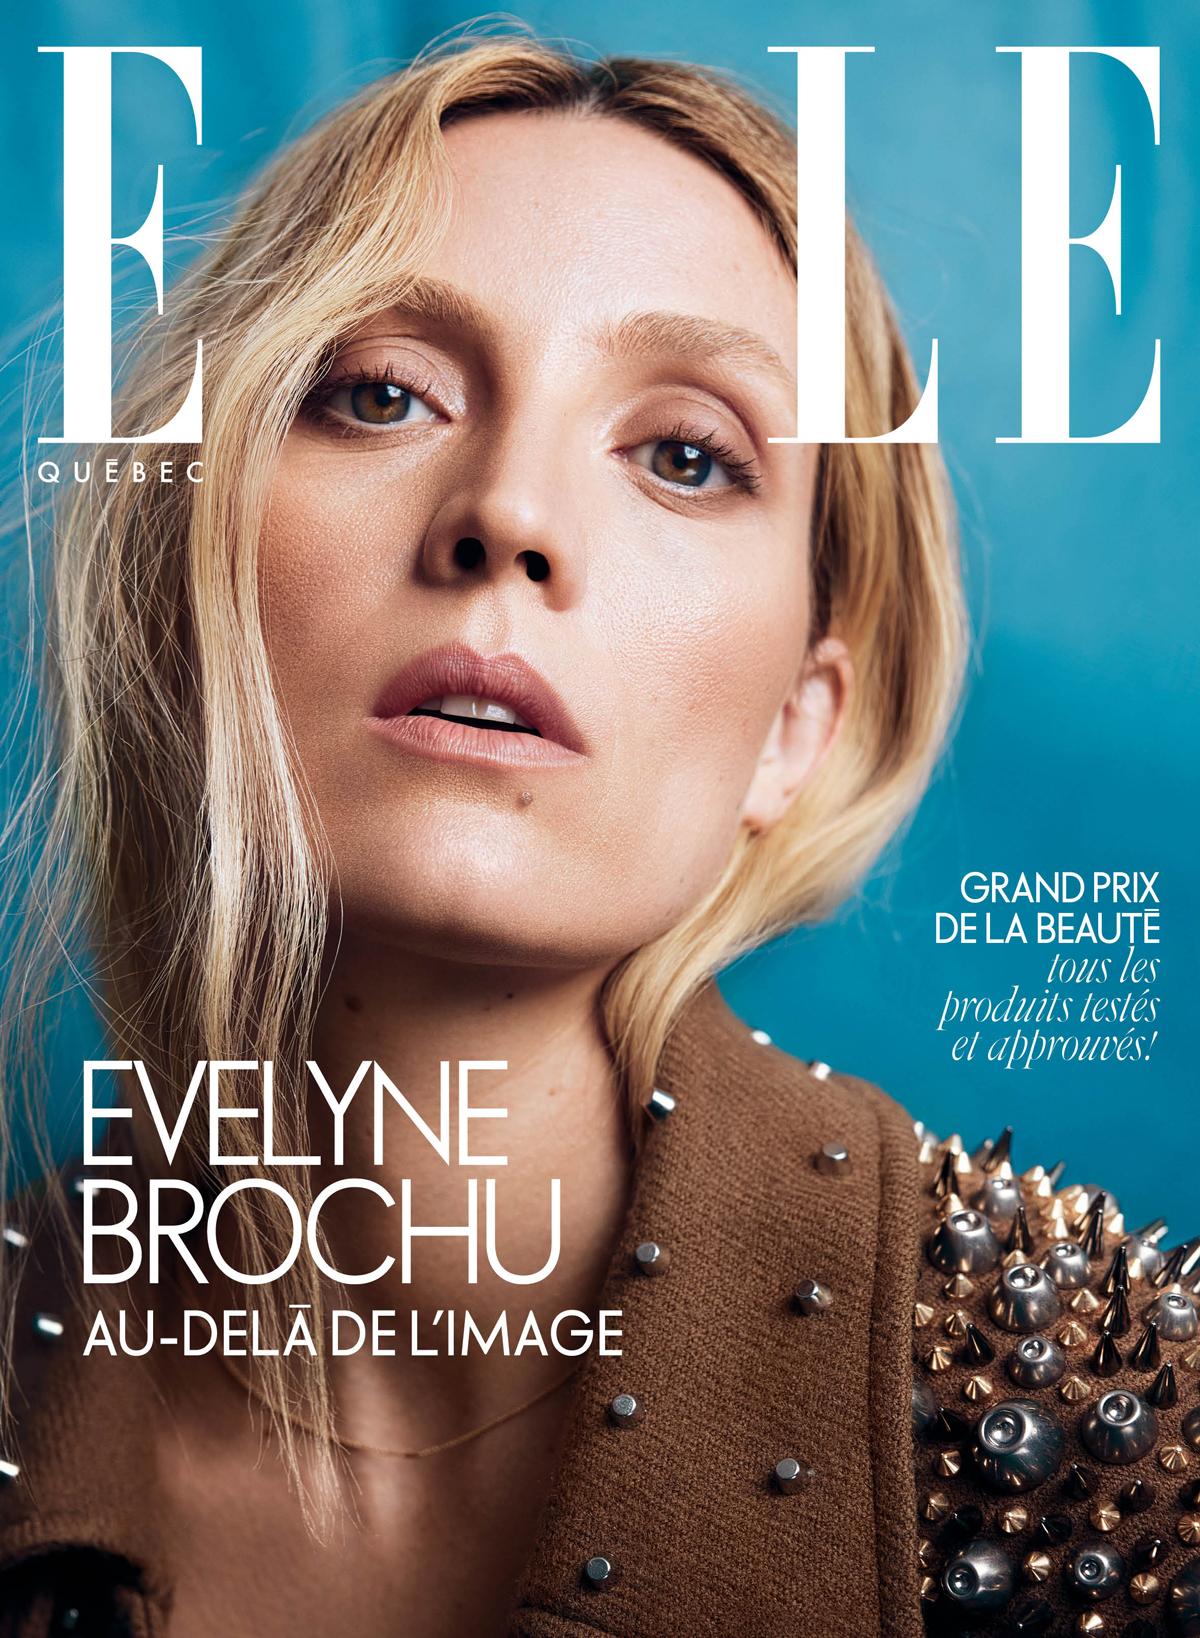 Evelyne Brochu en couverture du magazine ELLE Québec de novembre